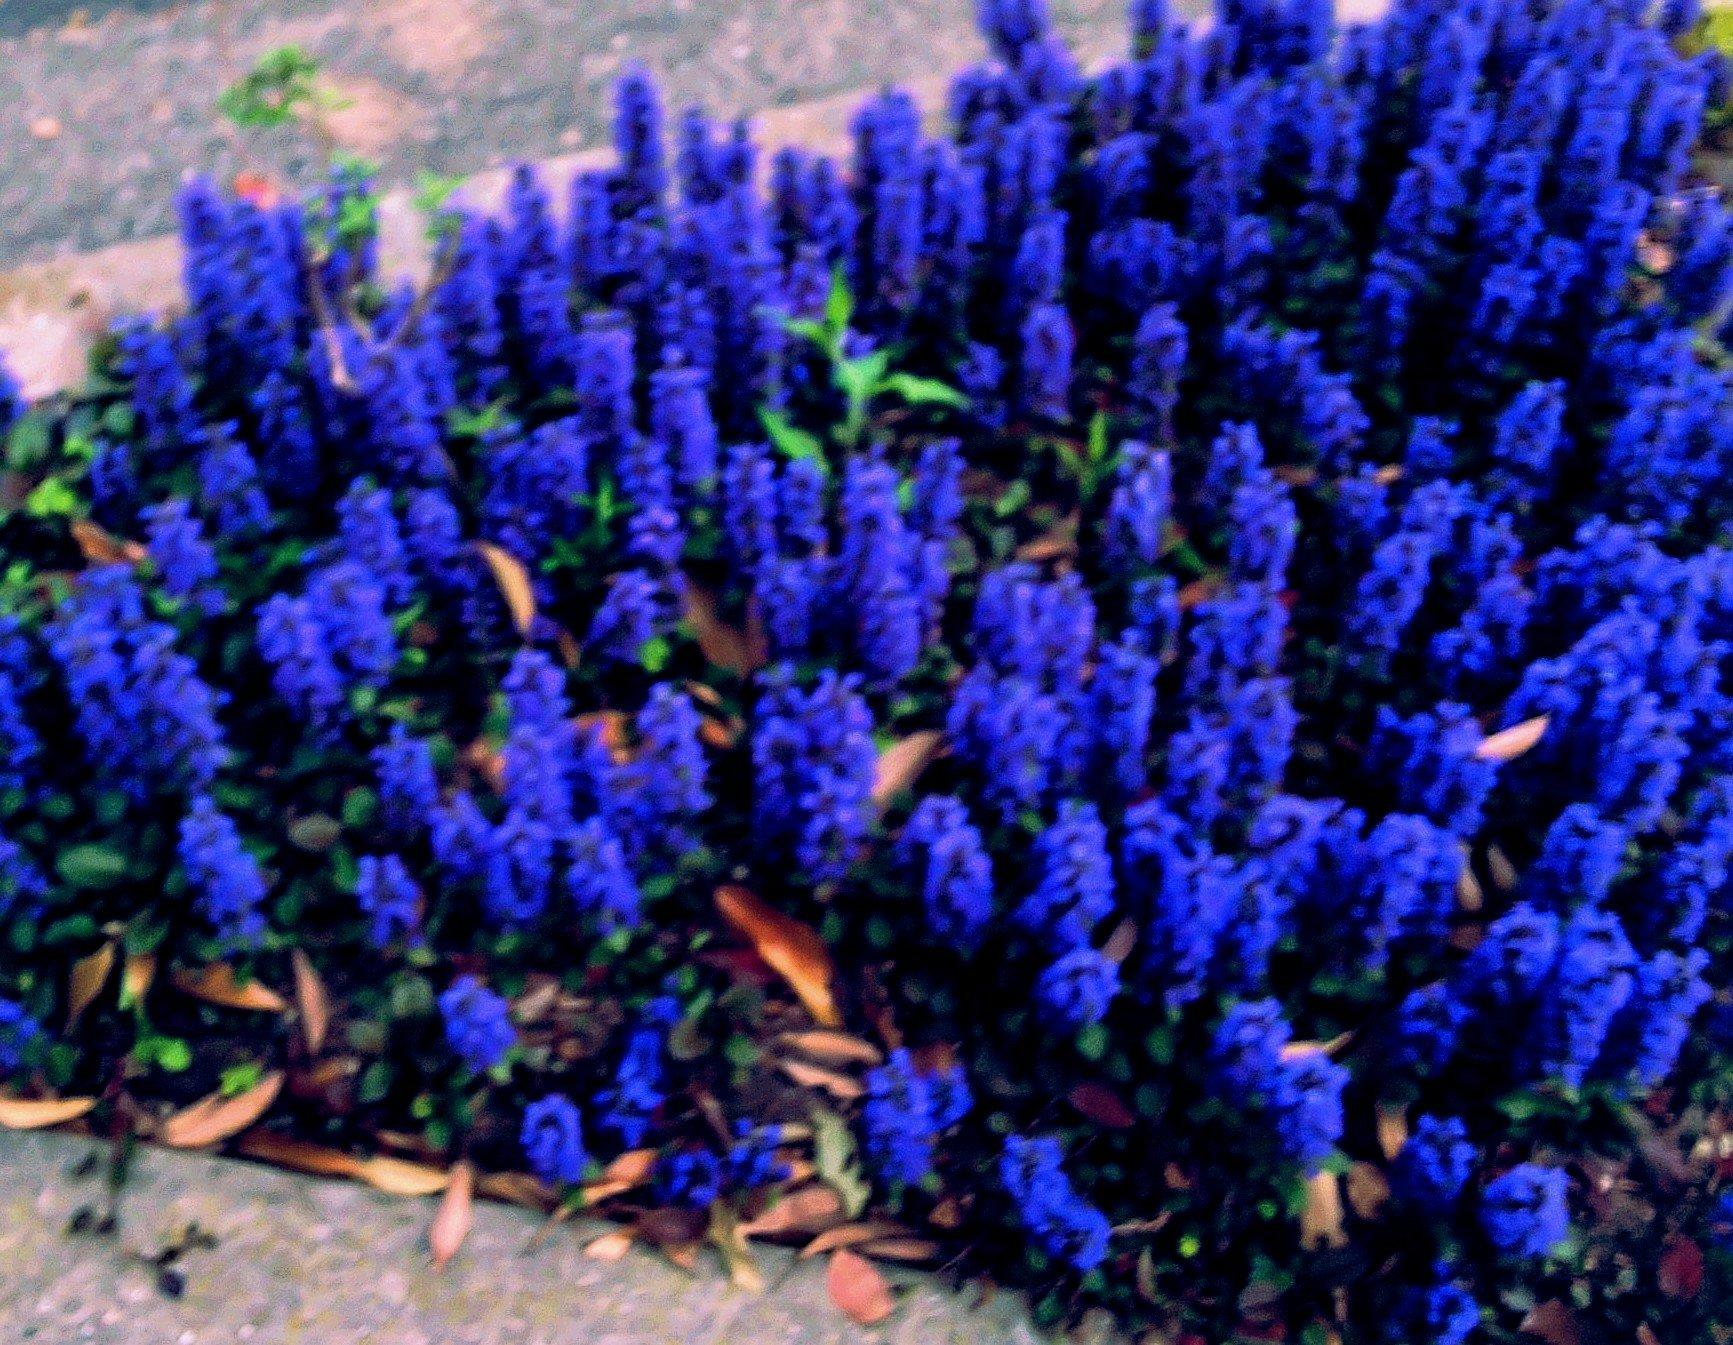 春の花 ムスカリ‼️ せめて花を愛でましょう!